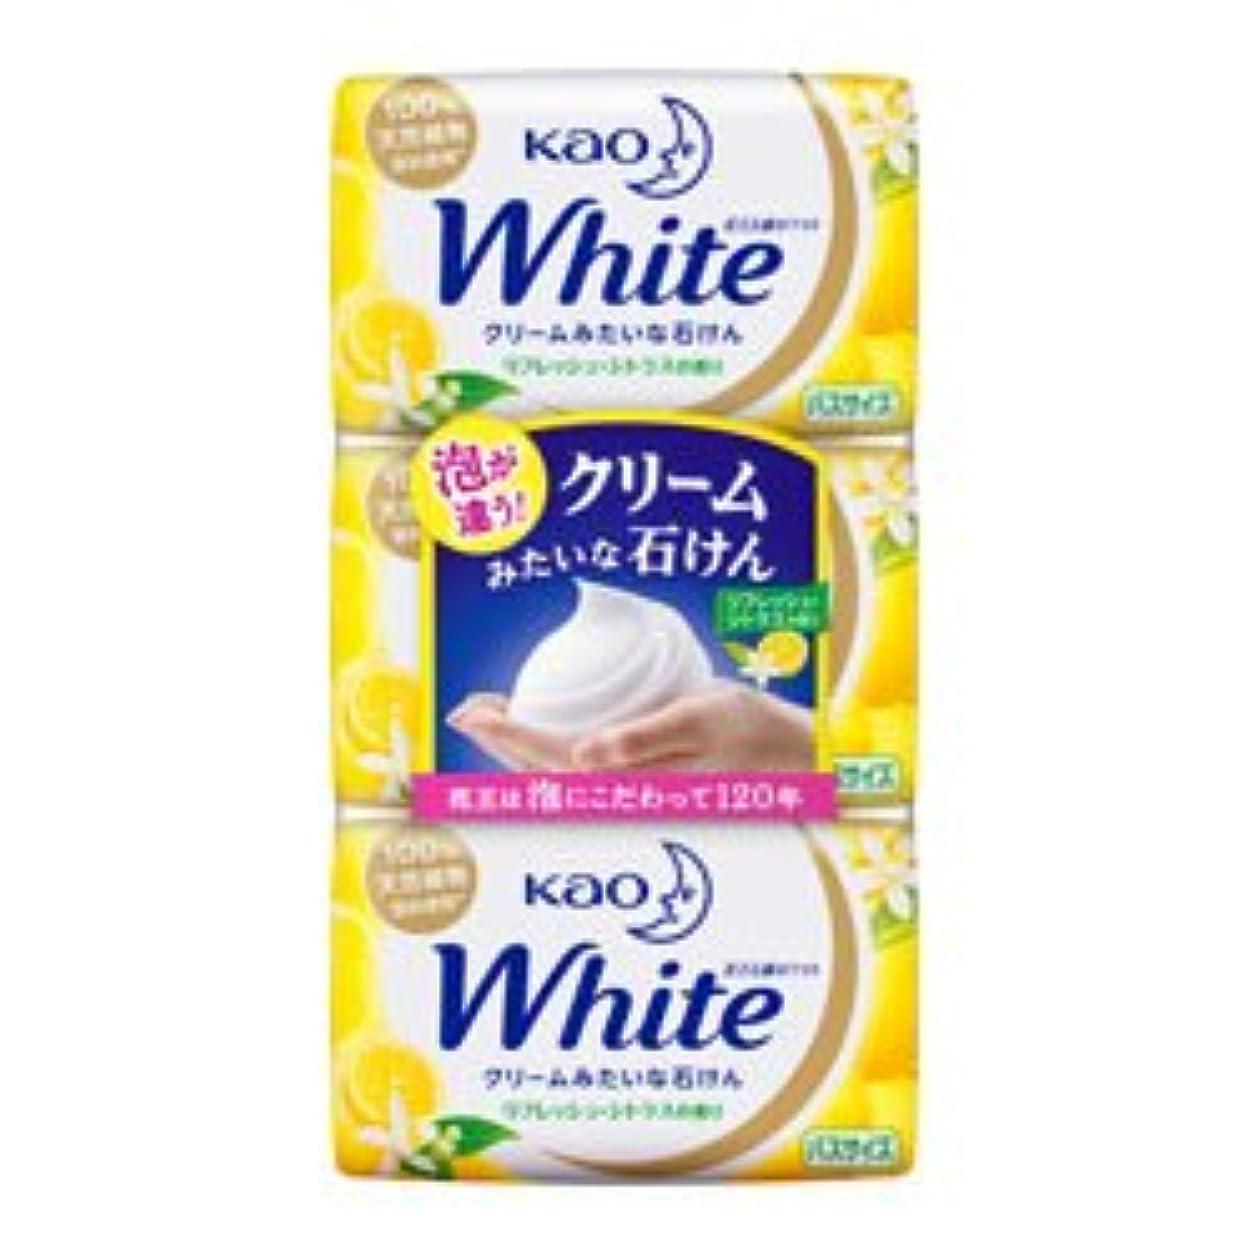 必要ない接続された電話に出る【花王】ホワイト リフレッシュ・シトラスの香り バスサイズ 130g×3個入 ×20個セット